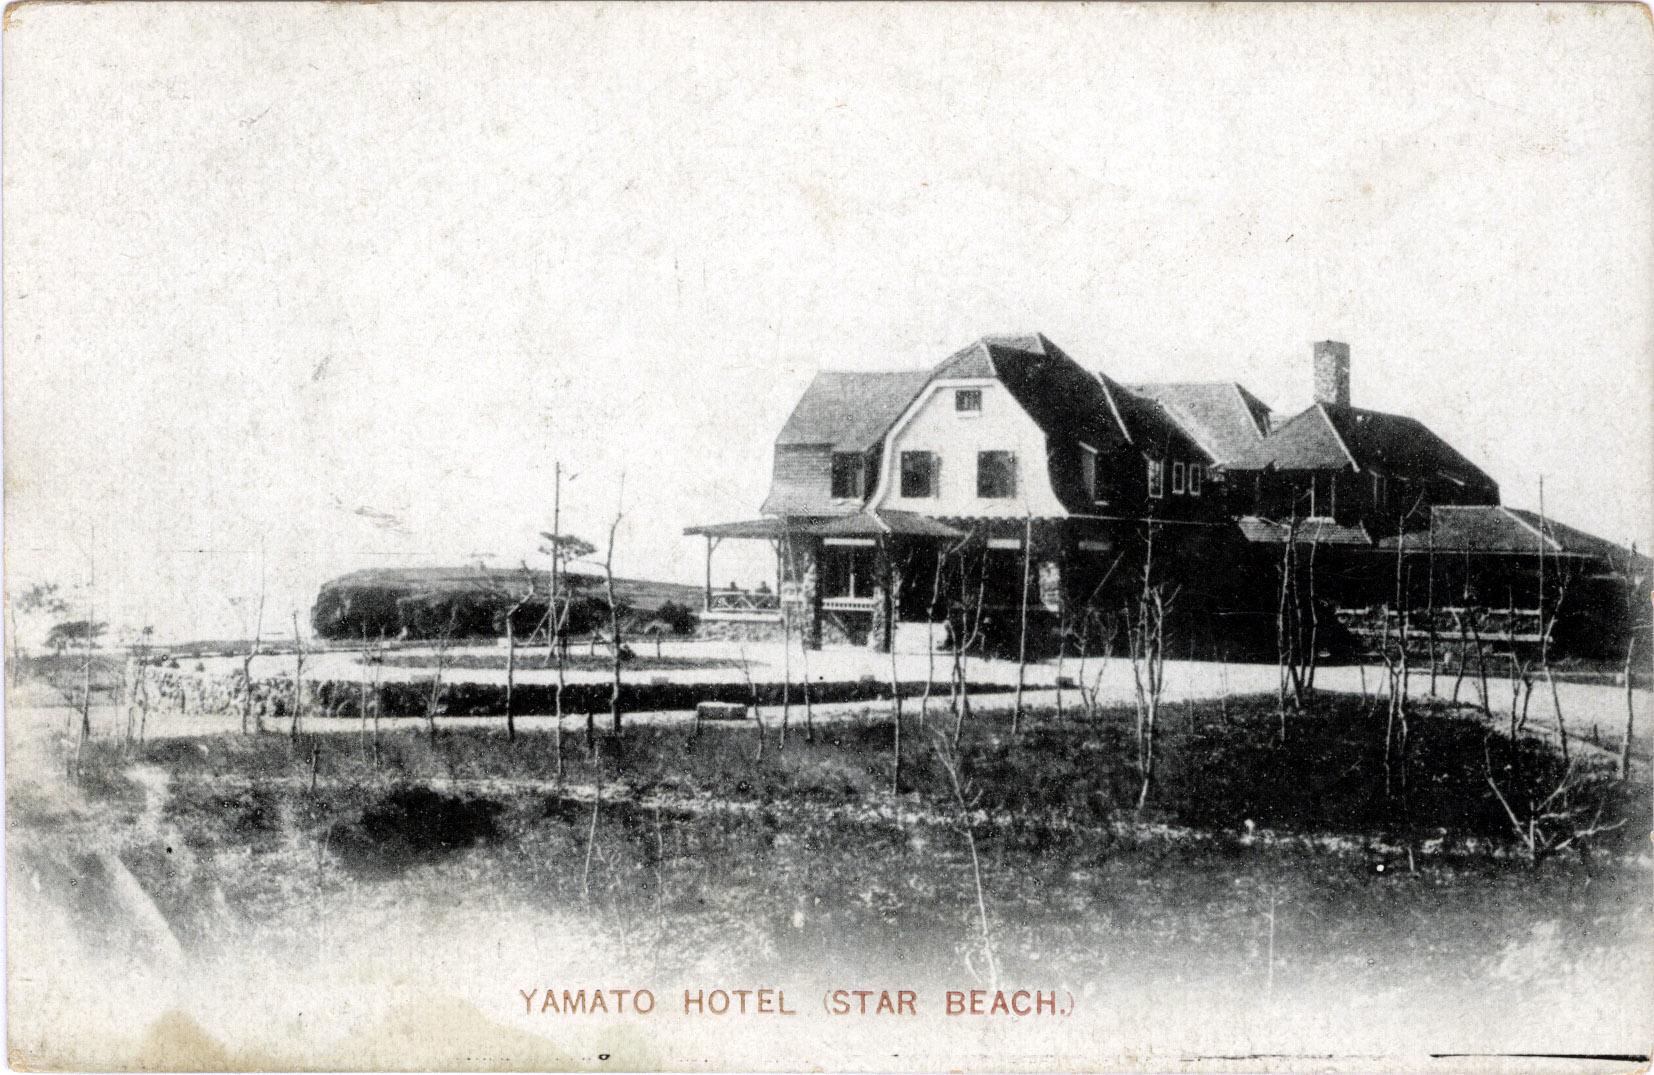 Old TokyoMenuYamato Hotel, Hoshigaura (Star Beach), Dairen, Manchuria, c. 1920.Post navigationRecent PostsRecent CommentsArchivesCategoriesMeta